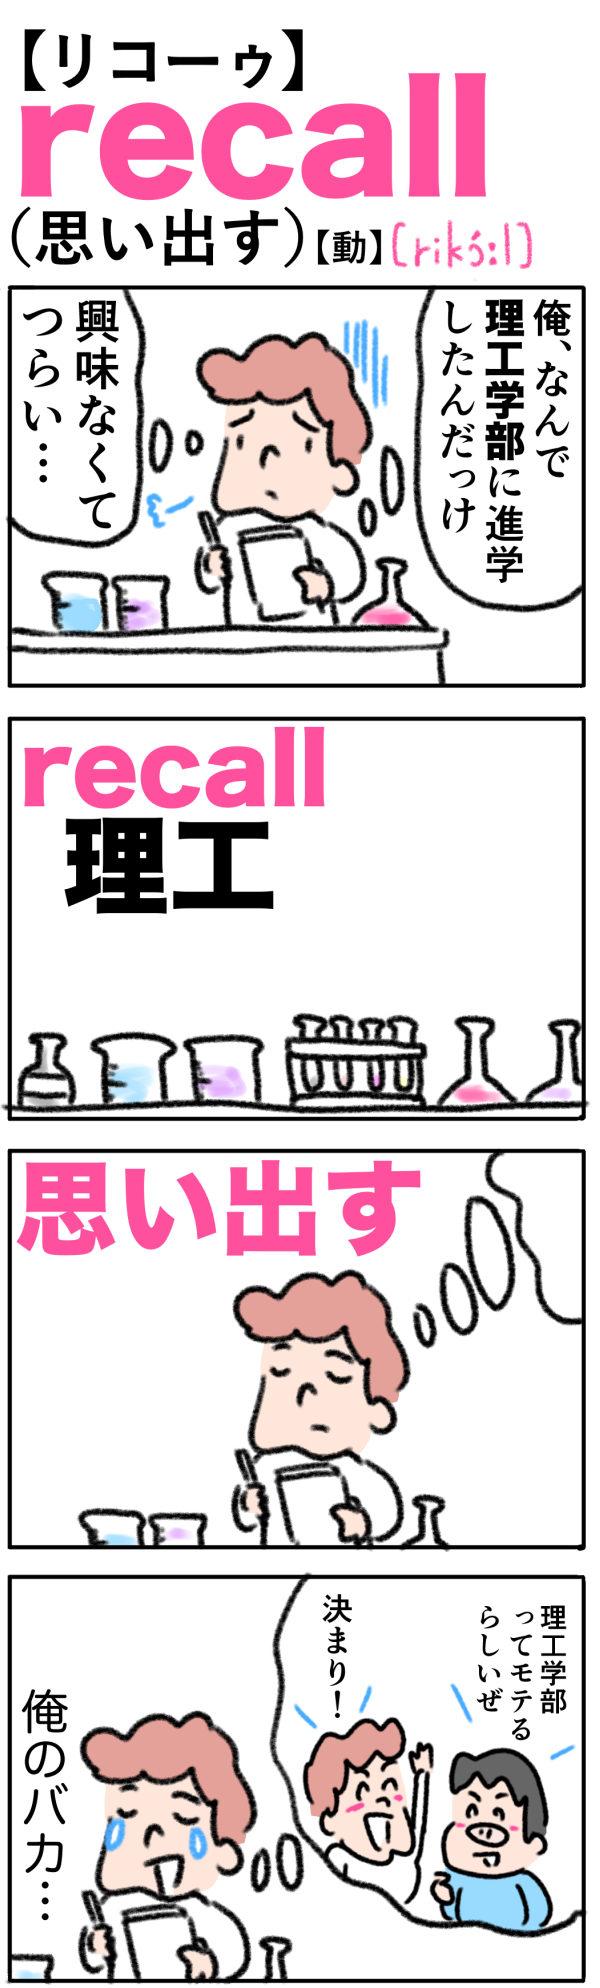 recall(思い出す)の語呂合わせ英単語